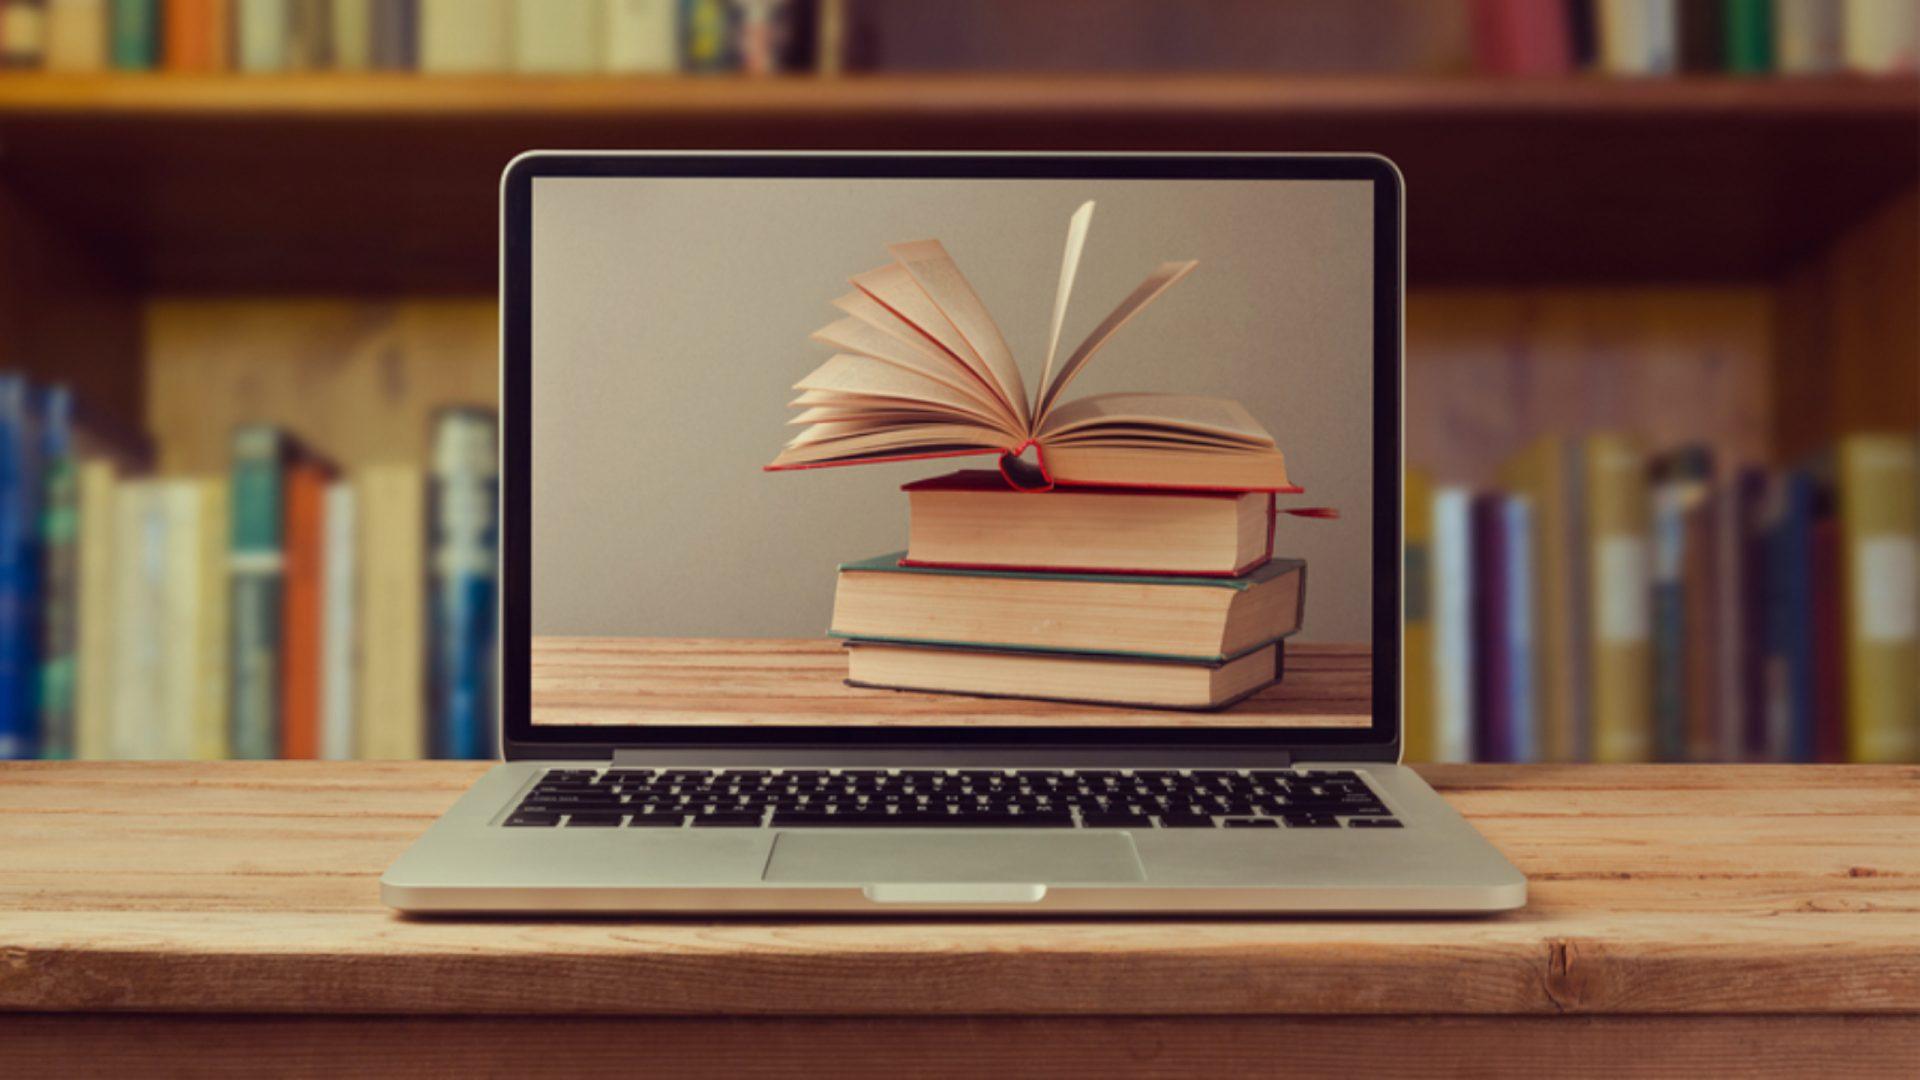 Archivistique, bibliothéconomie et patrimoine numériques (ABPN)